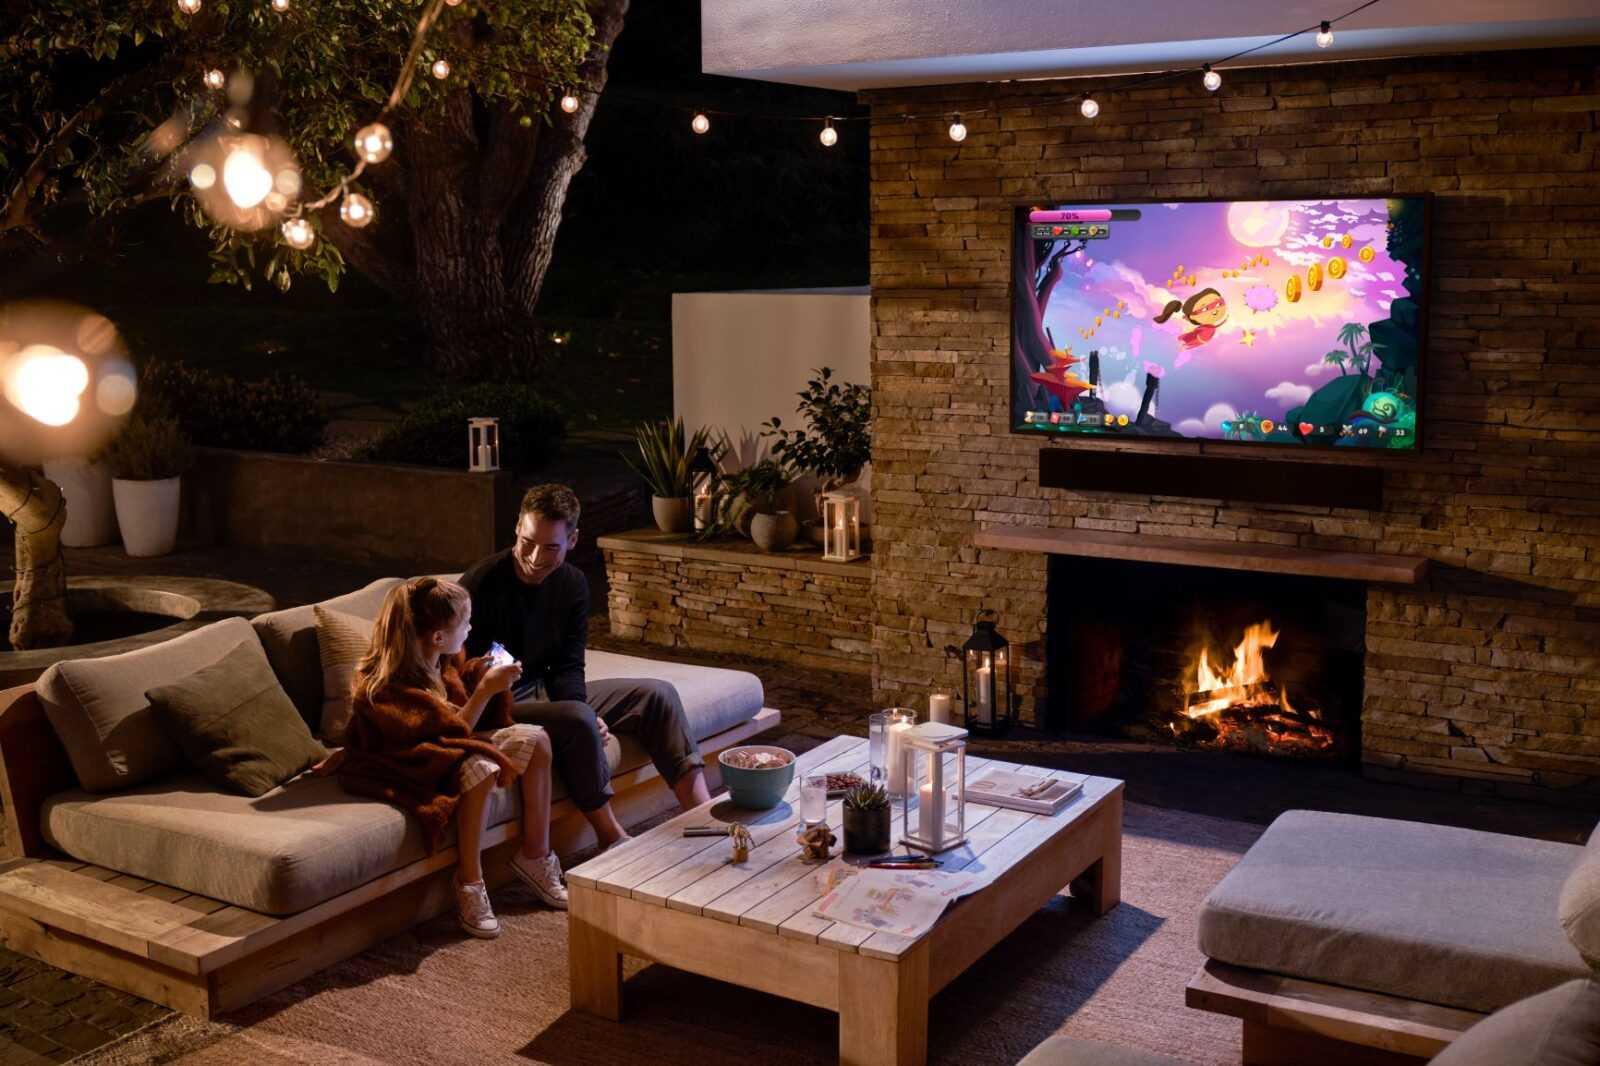 Компания Samsung представила новые телевизоры Neo QLED и Micro LED, и рассказала про технологии (2020 the terrace 8)